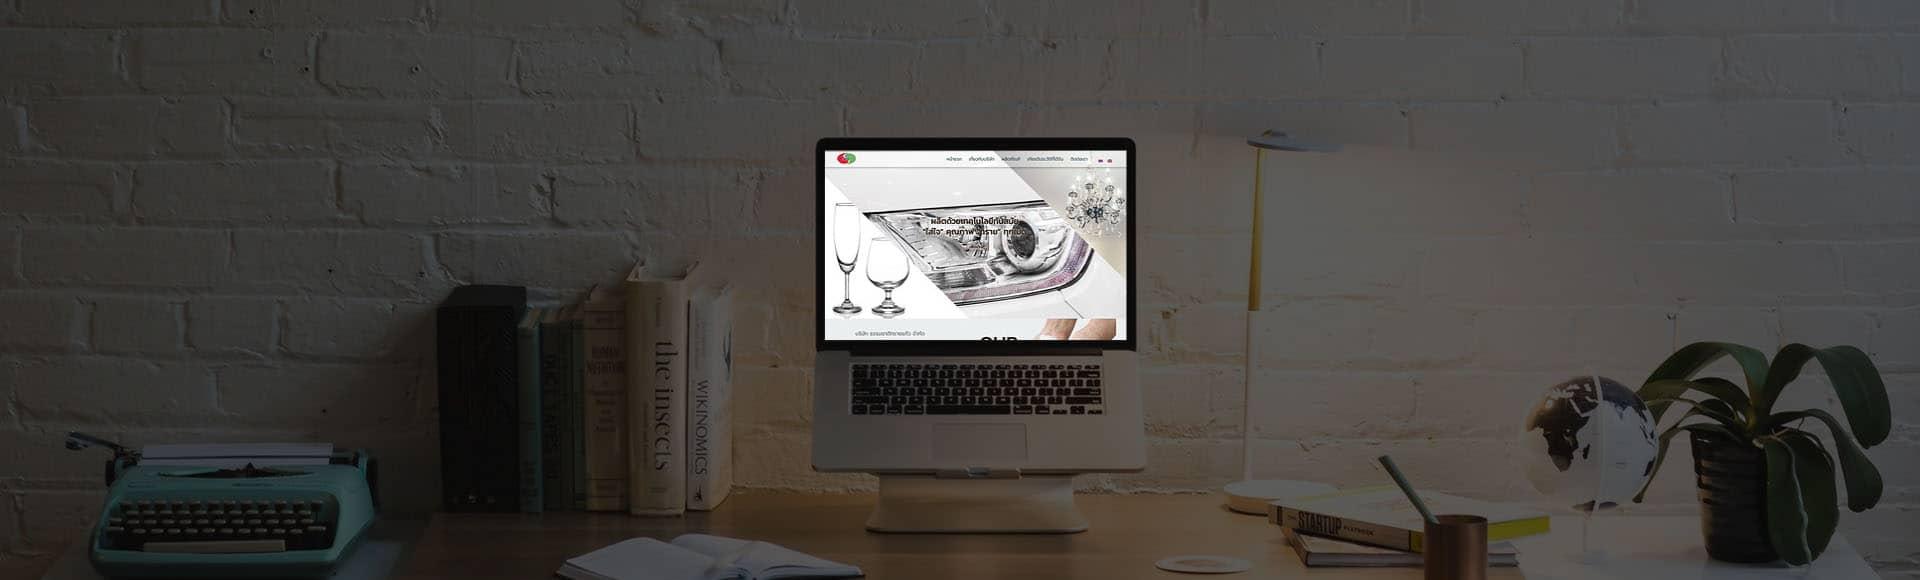 เว็บไซต์บริษัท ผู้นำการผลิตแร่ทรายแก้ว | รับทำเว็บไซต์บริษัท คุณภาพดี